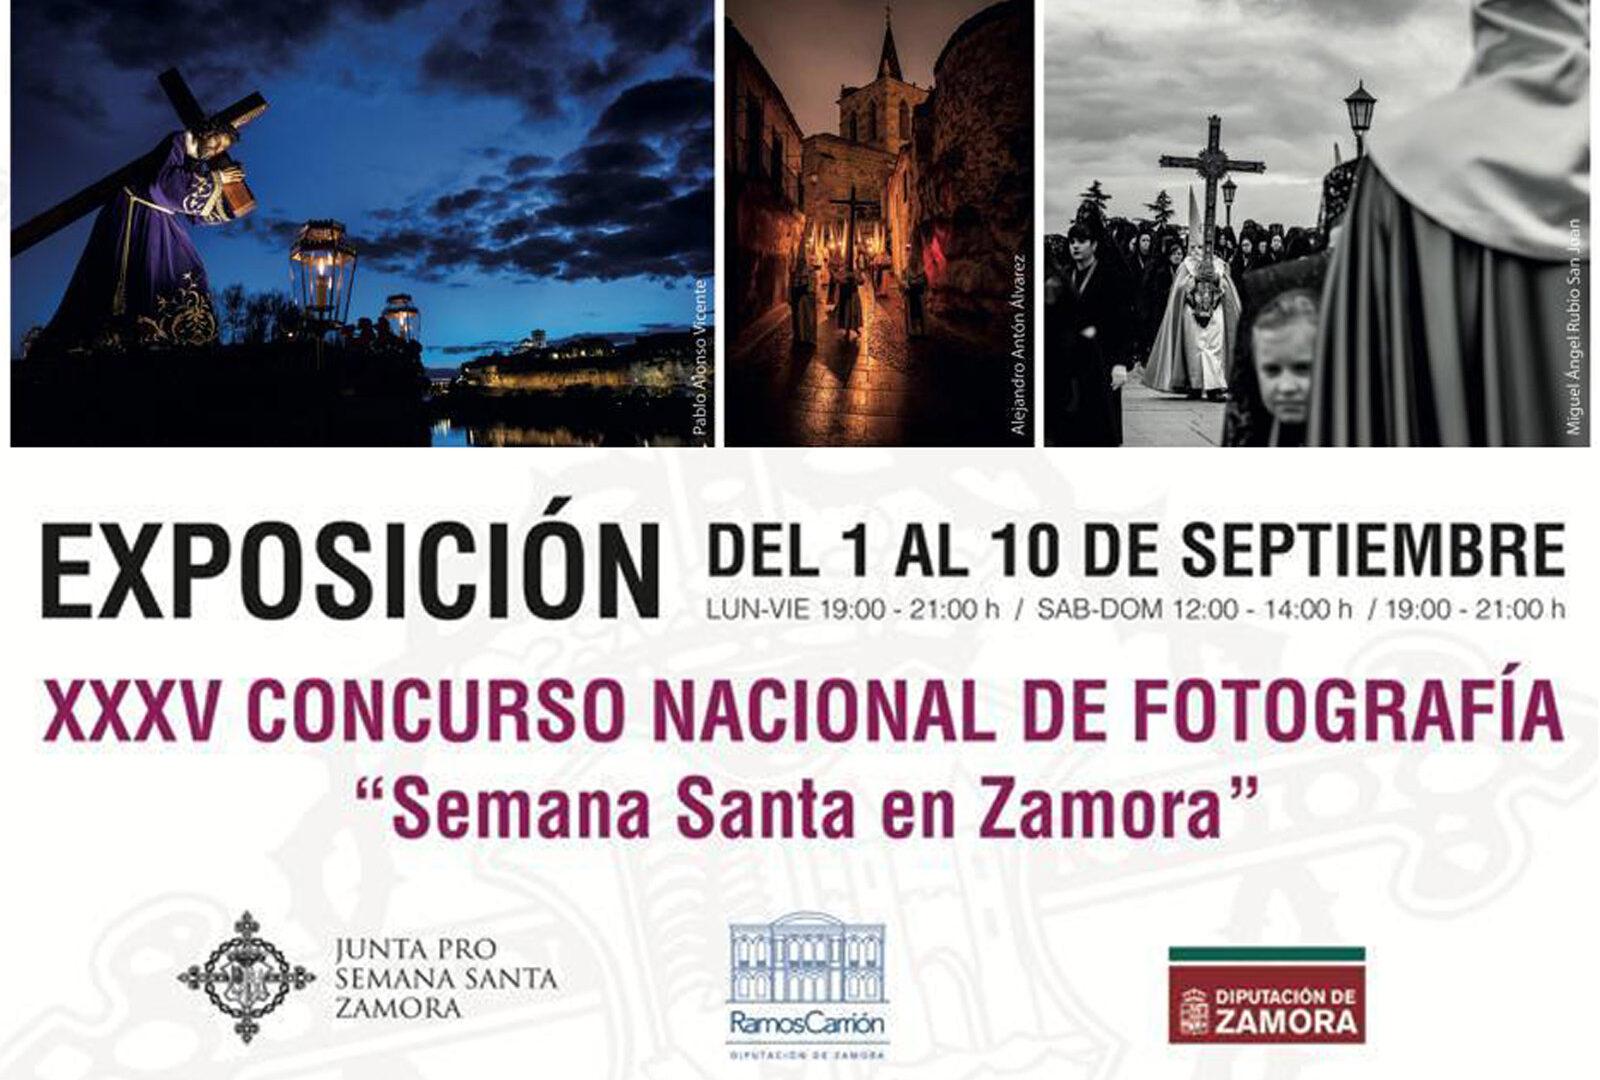 Exposición y entrega de premios XXXV Concurso Nacional de Fotografía